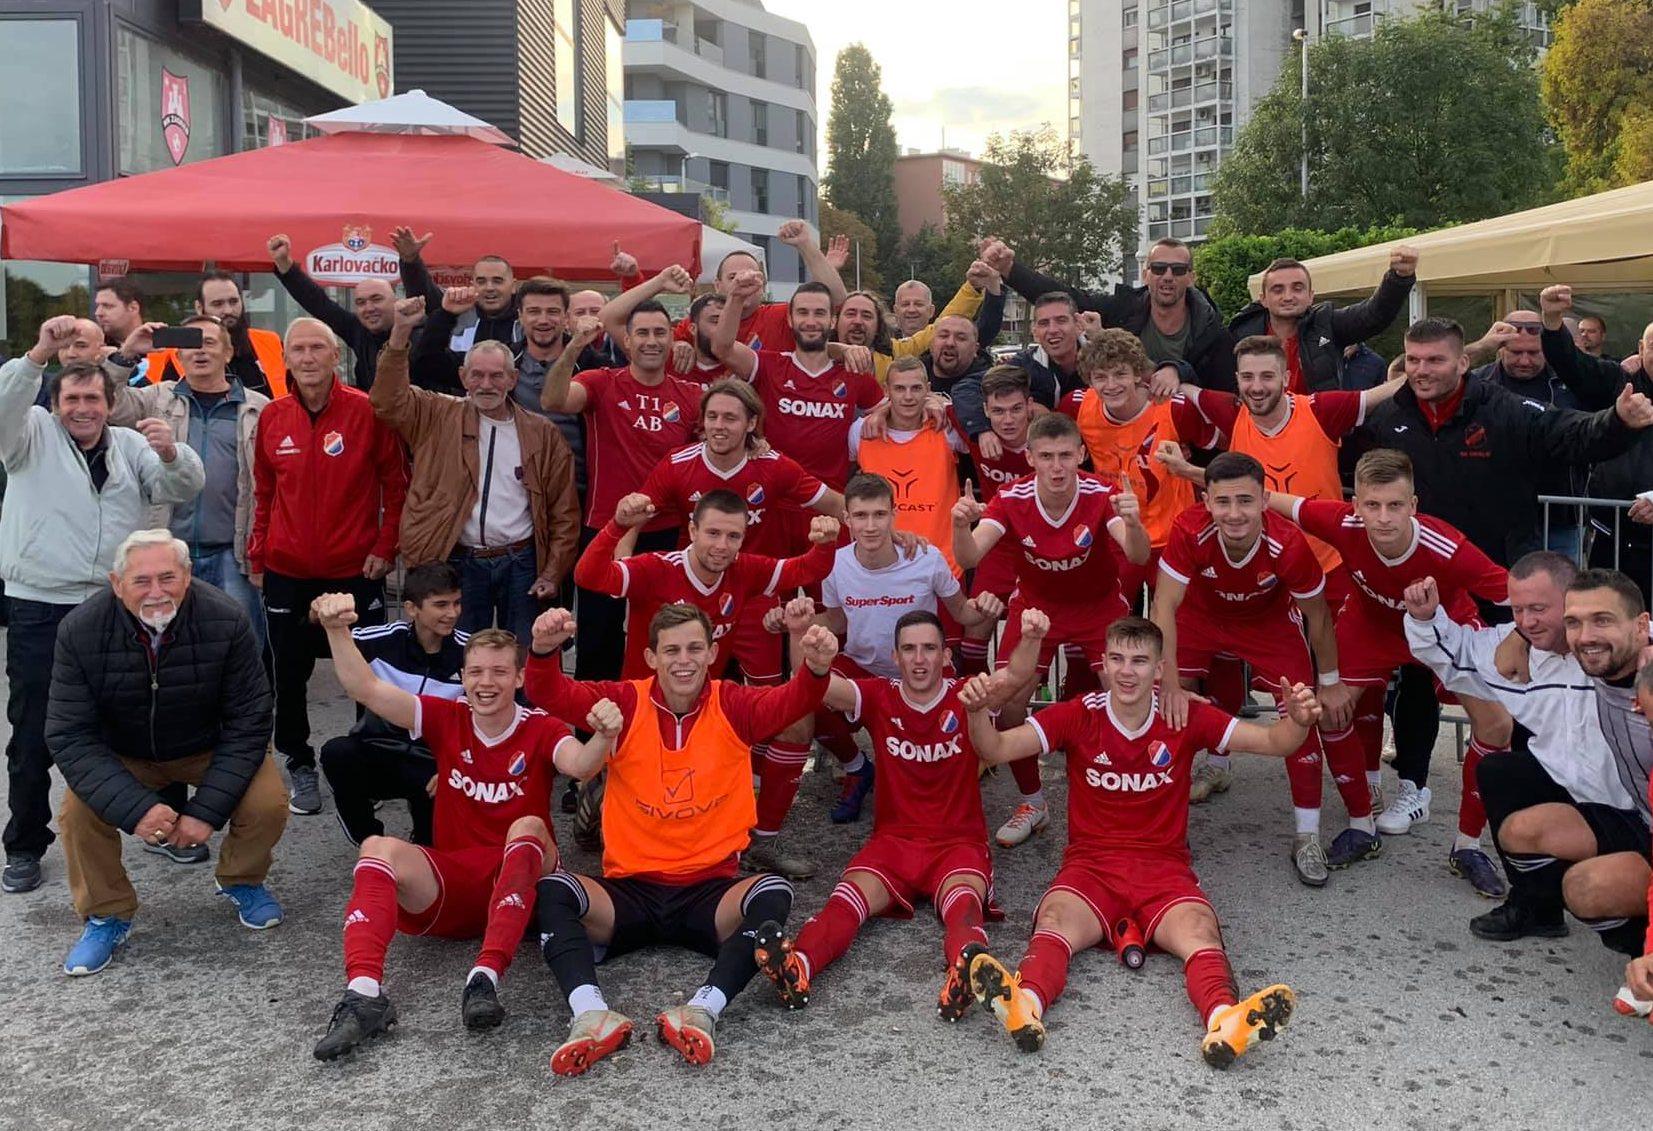 Slavlje nogometaša Oriolika/Foto: NK Oriolik Oriovac (Facebook)